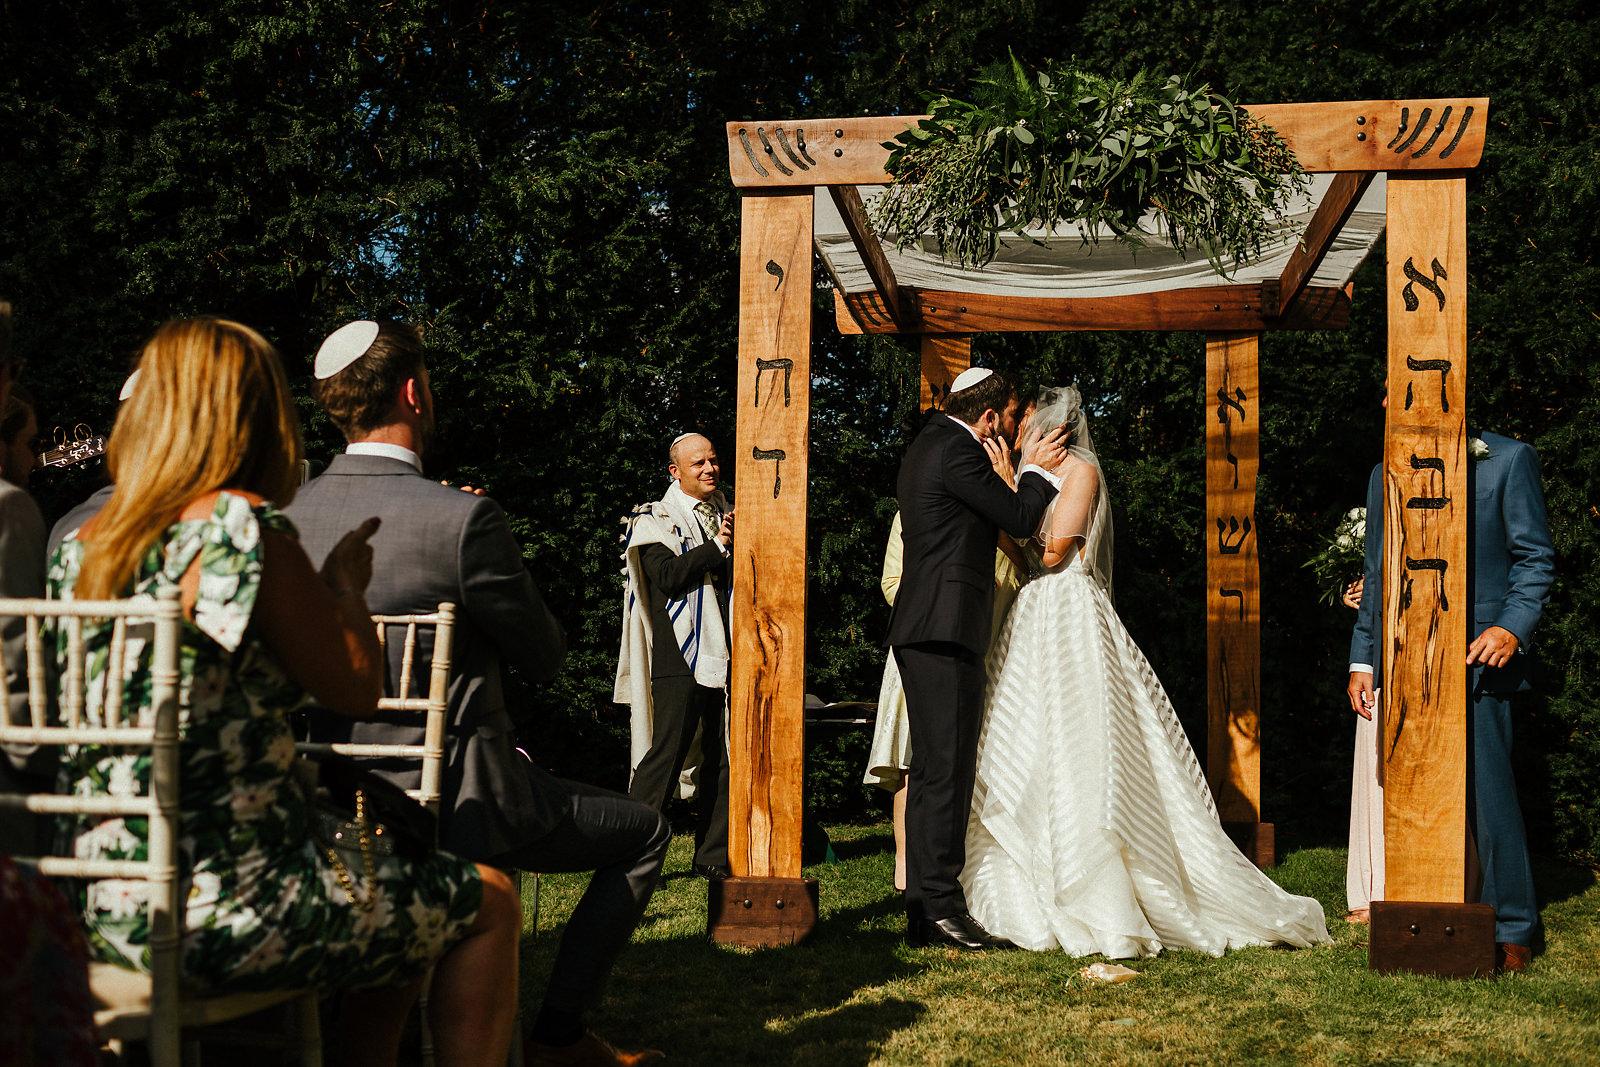 Jewish wedding ceremony in the garden